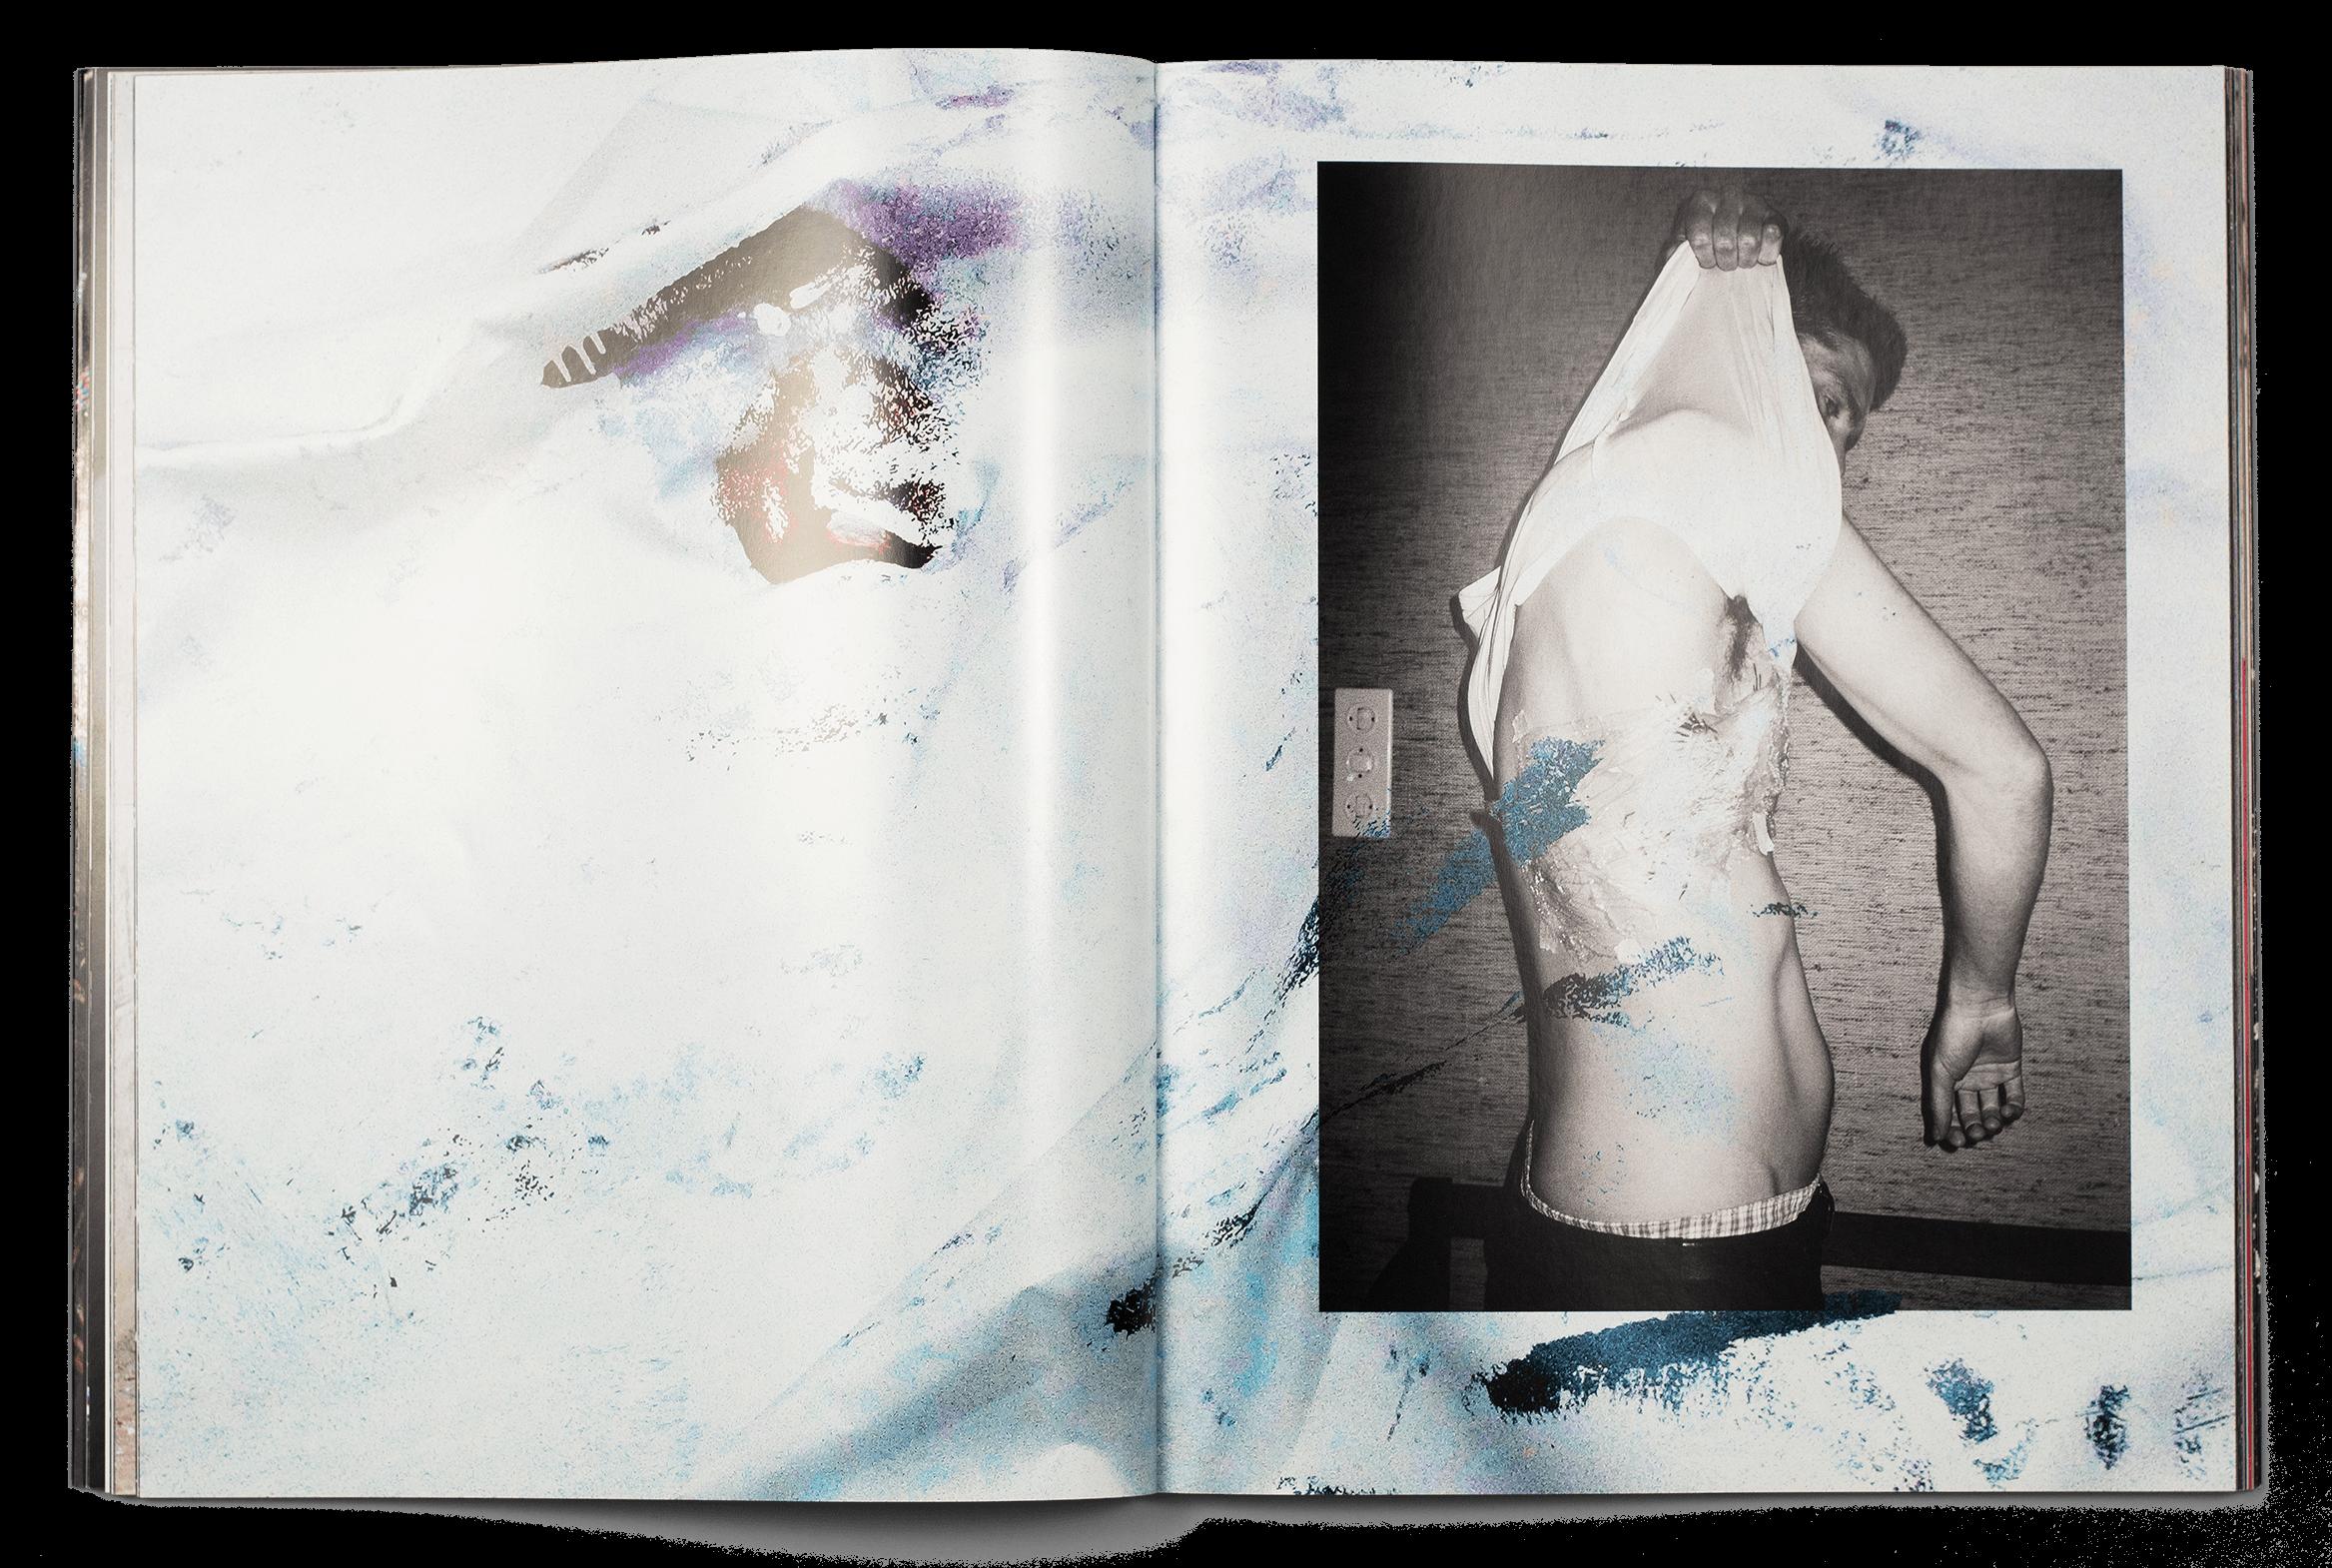 Livre de l'artiste/photographe Maya Rochat publié aux éditions Patrick Frey.